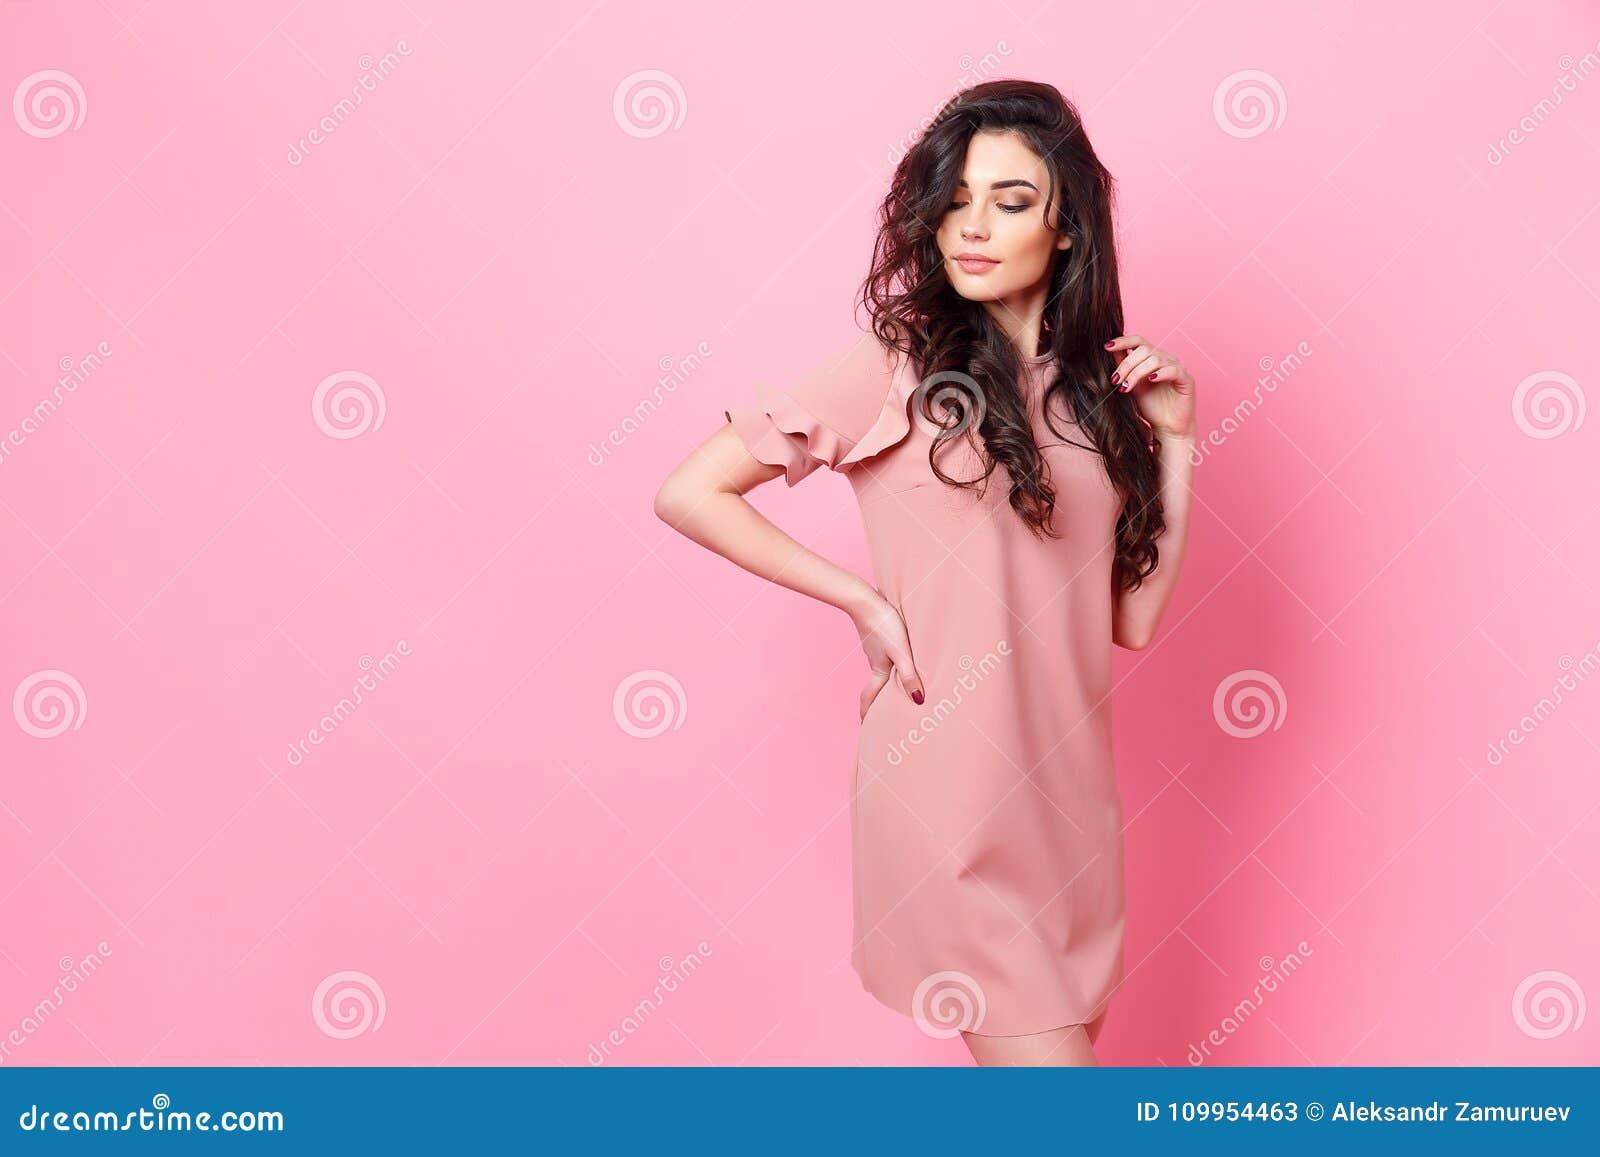 buy online 735ad 3f913 Ragazza Con Capelli Ricci Lunghi In Un Vestito Rosa Immagine ...